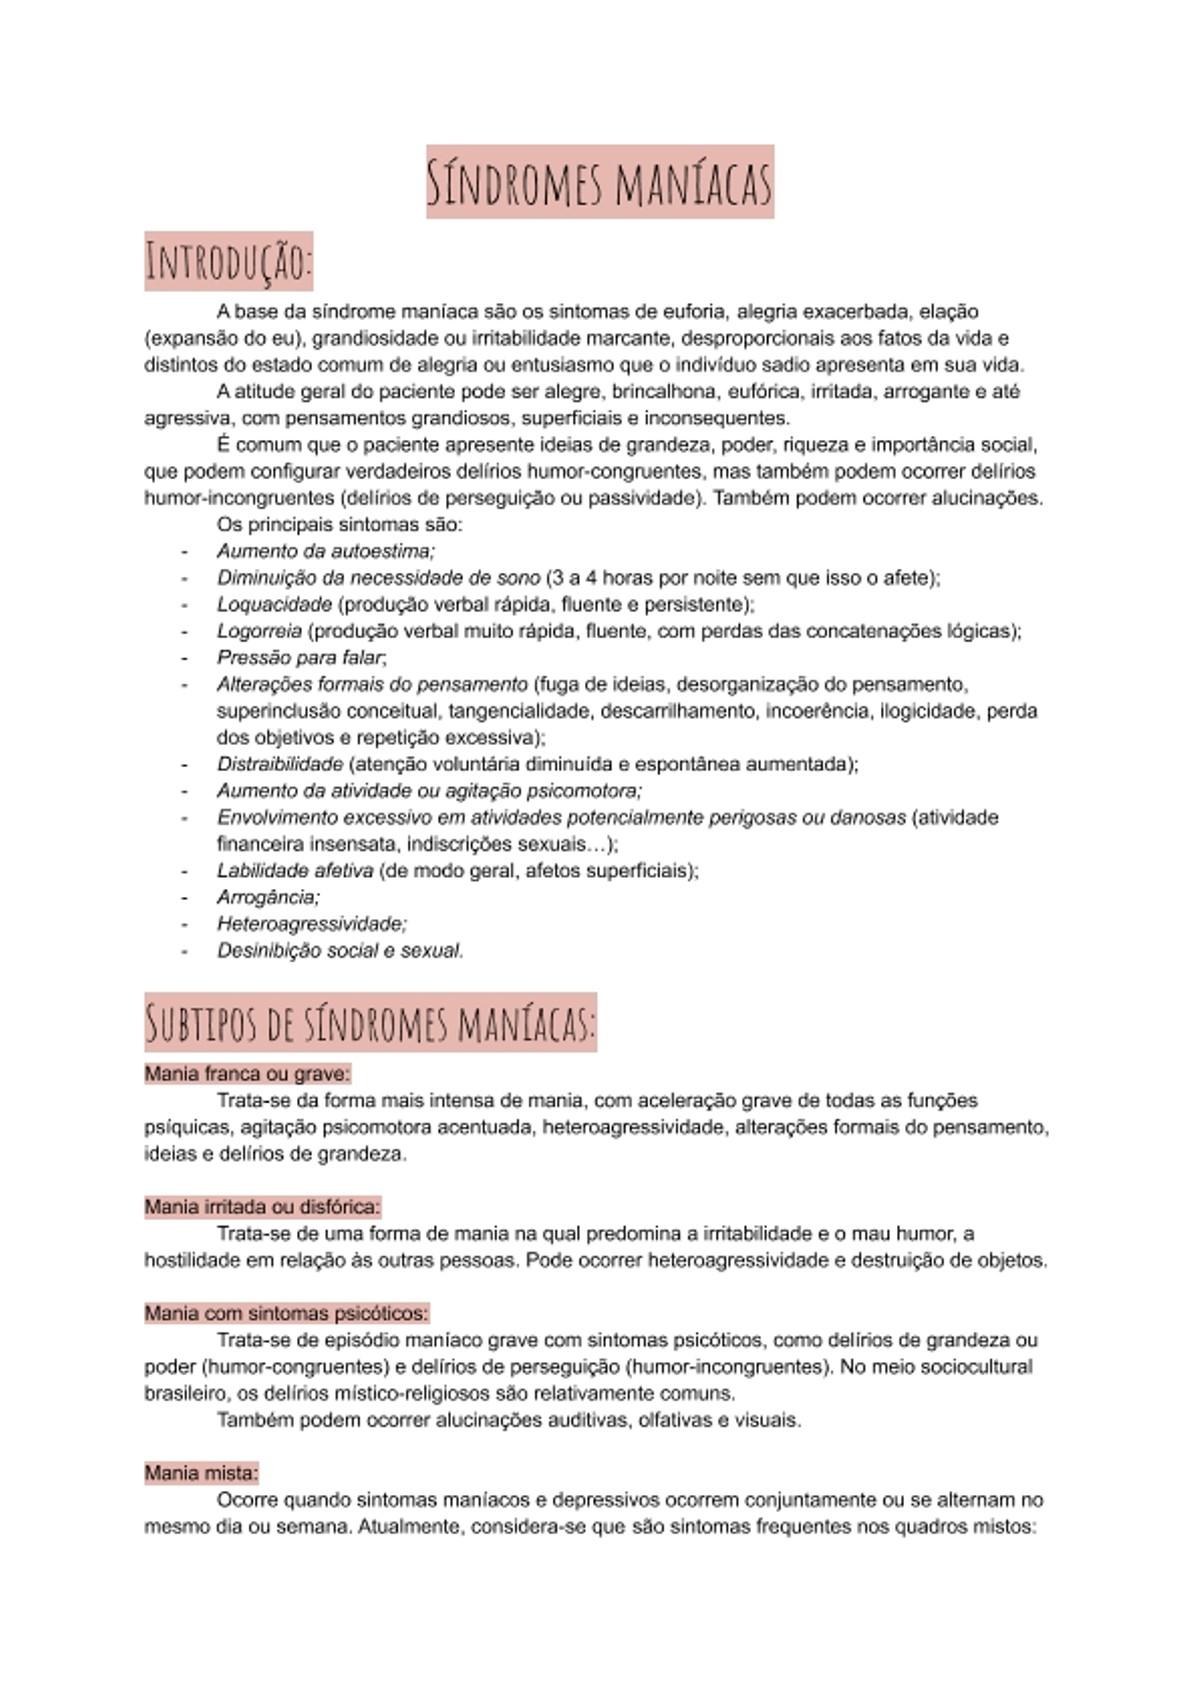 Pre-visualização do material Síndromes Maníacas (bipolaridade) - página 1